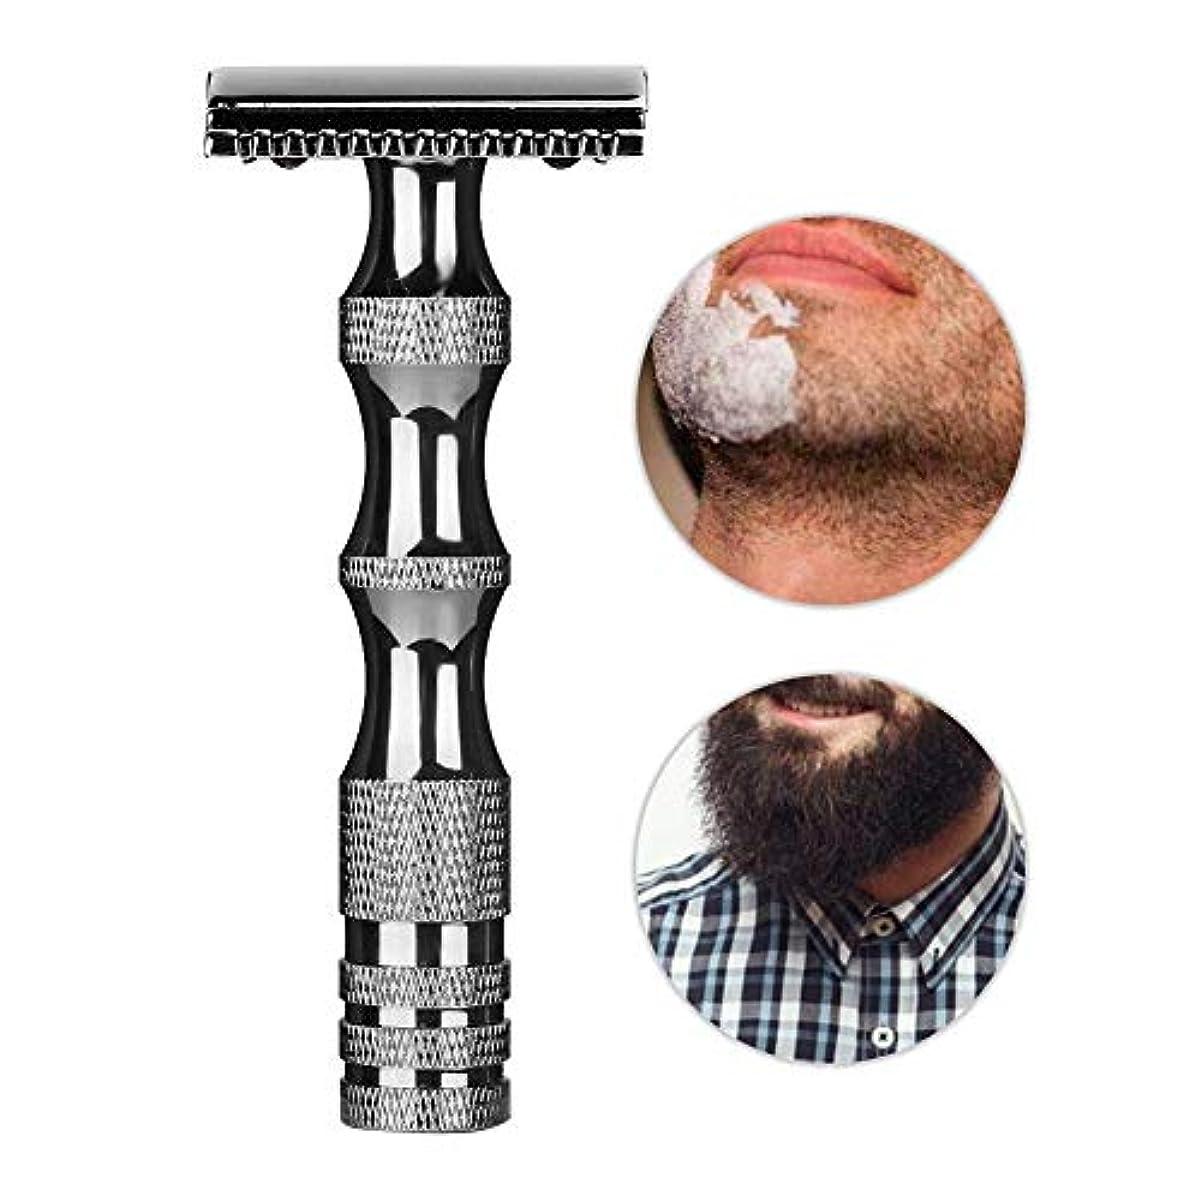 加入無傷曲線安全剃刀、クラシックメンズ滑り止めメタルハンドルデュアルエッジシェーバーヴィンテージスタイルメンズ安全剃刀、スムーズで快適な髭剃り(Dark Silver)